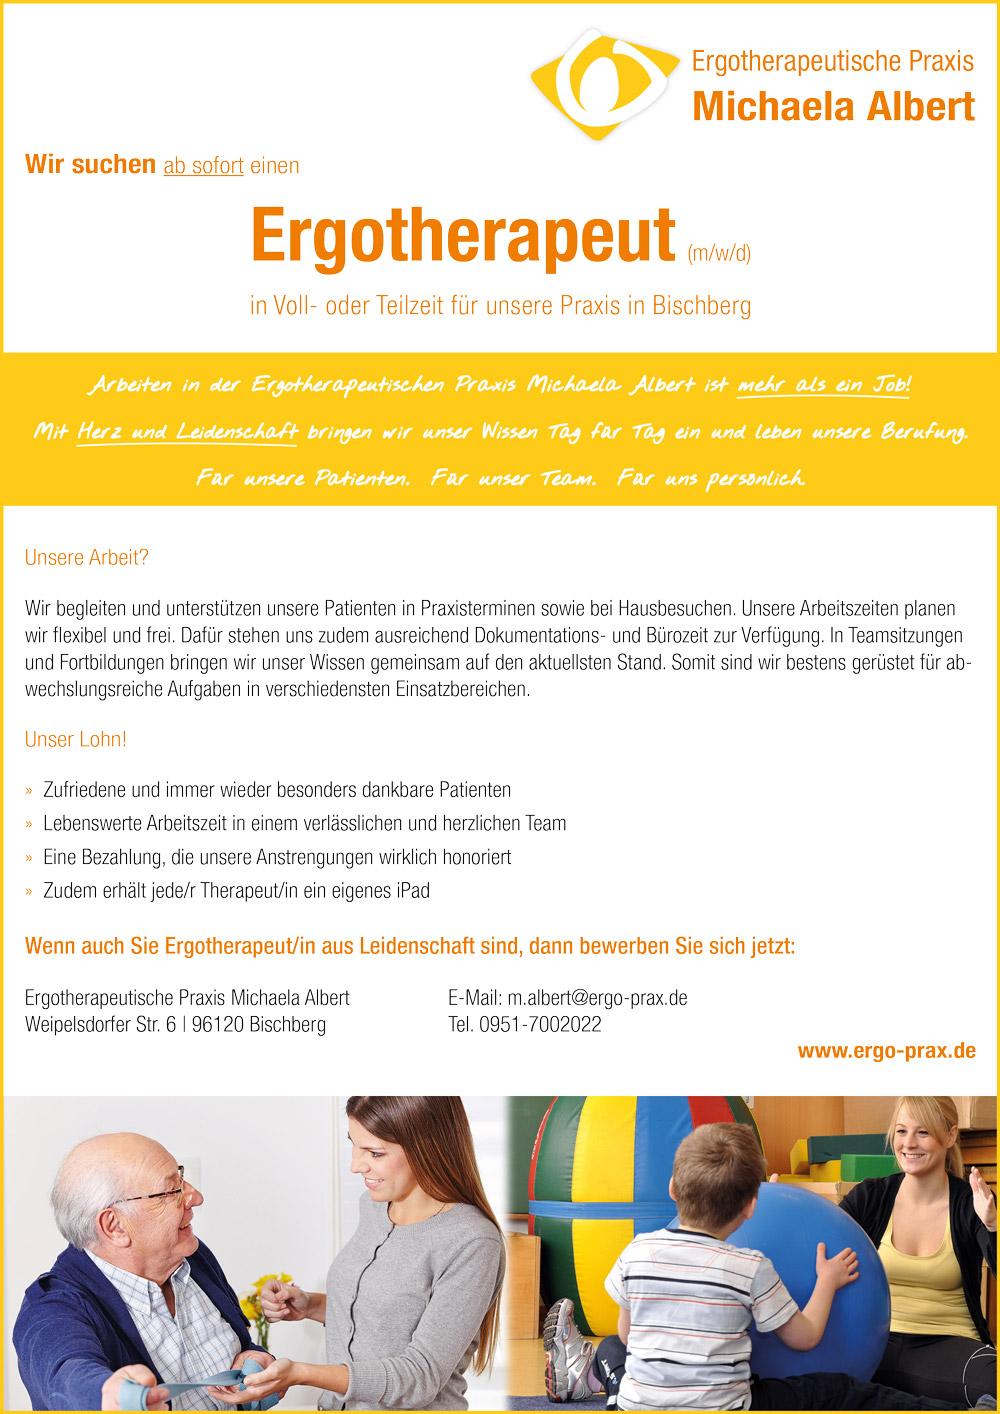 Wir suchen ab sofort einen Ergotherapeut (m/w/d) in Voll- oder Teilzeit für unsere Praxis in Bischberg